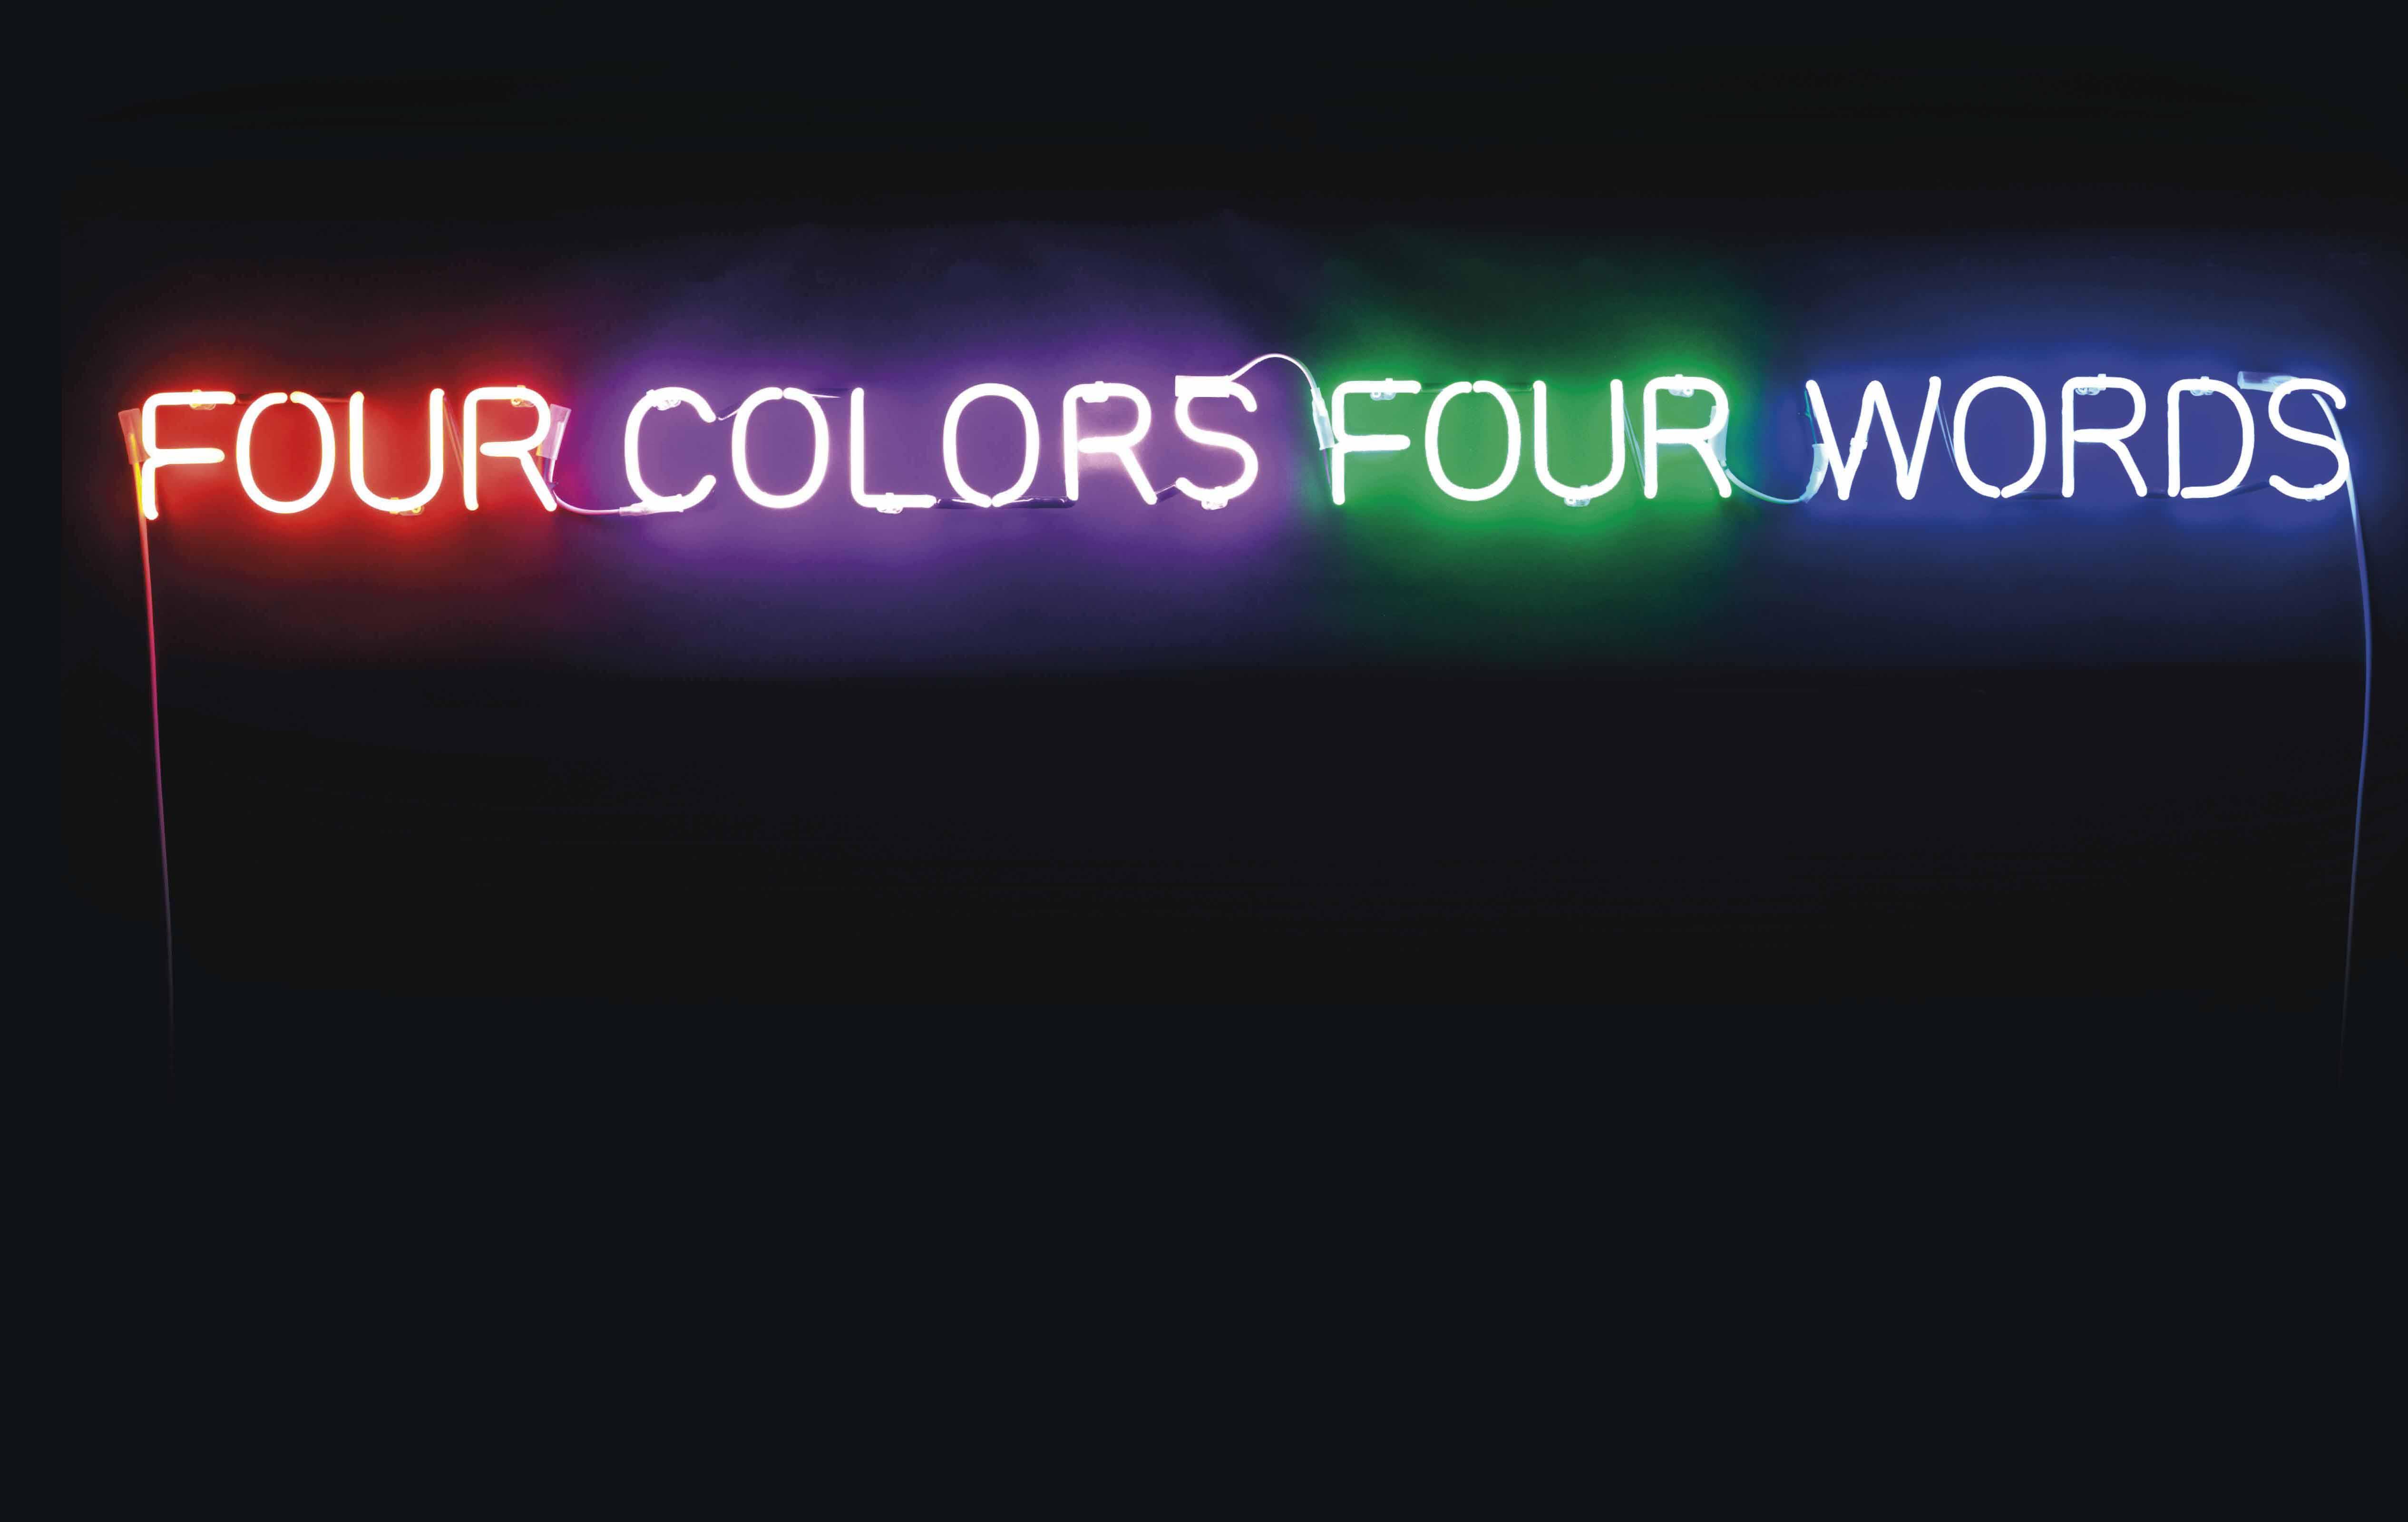 Four Colors Four Words (Orange-Violet-Green-Blue)